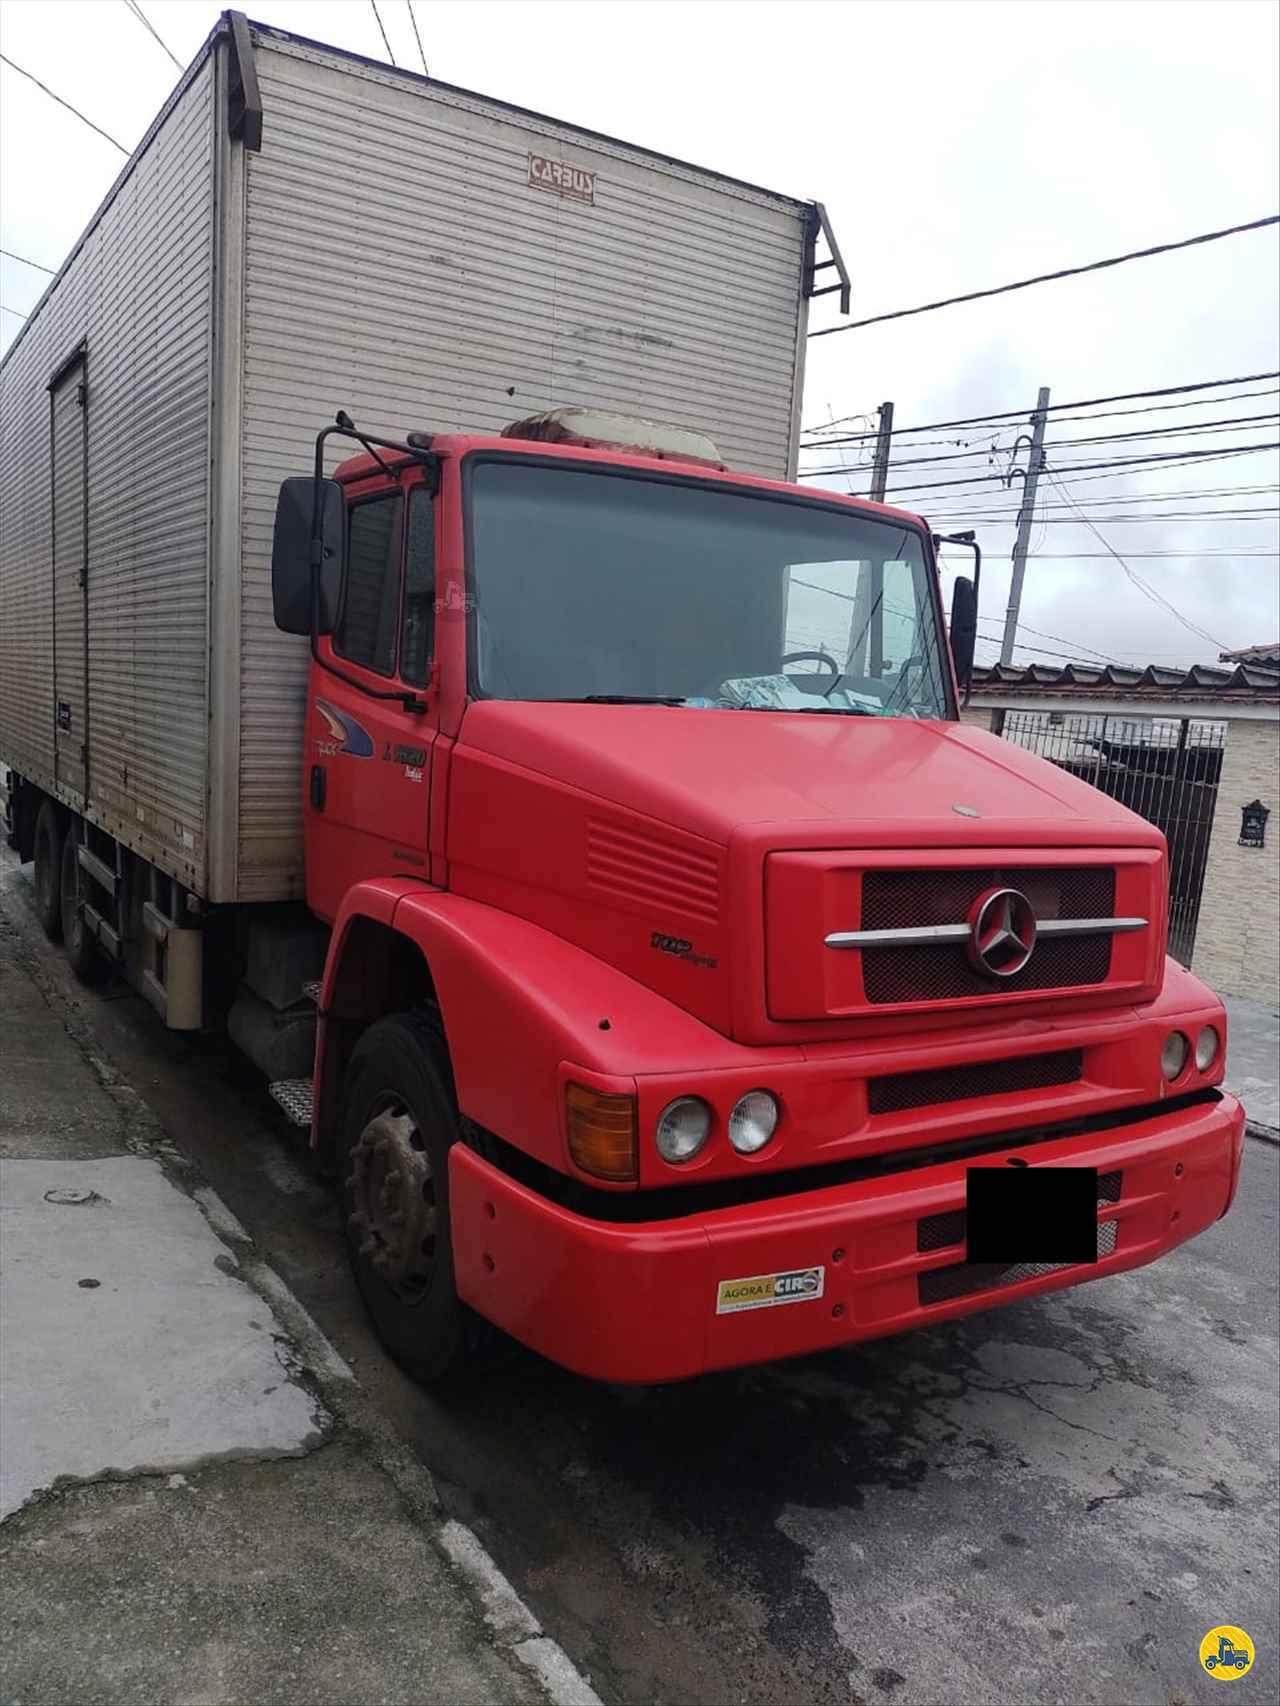 CAMINHAO MERCEDES-BENZ MB 1620 Chassis Truck 6x2 Wilson Caminhões RIBEIRAO PIRES SÃO PAULO SP